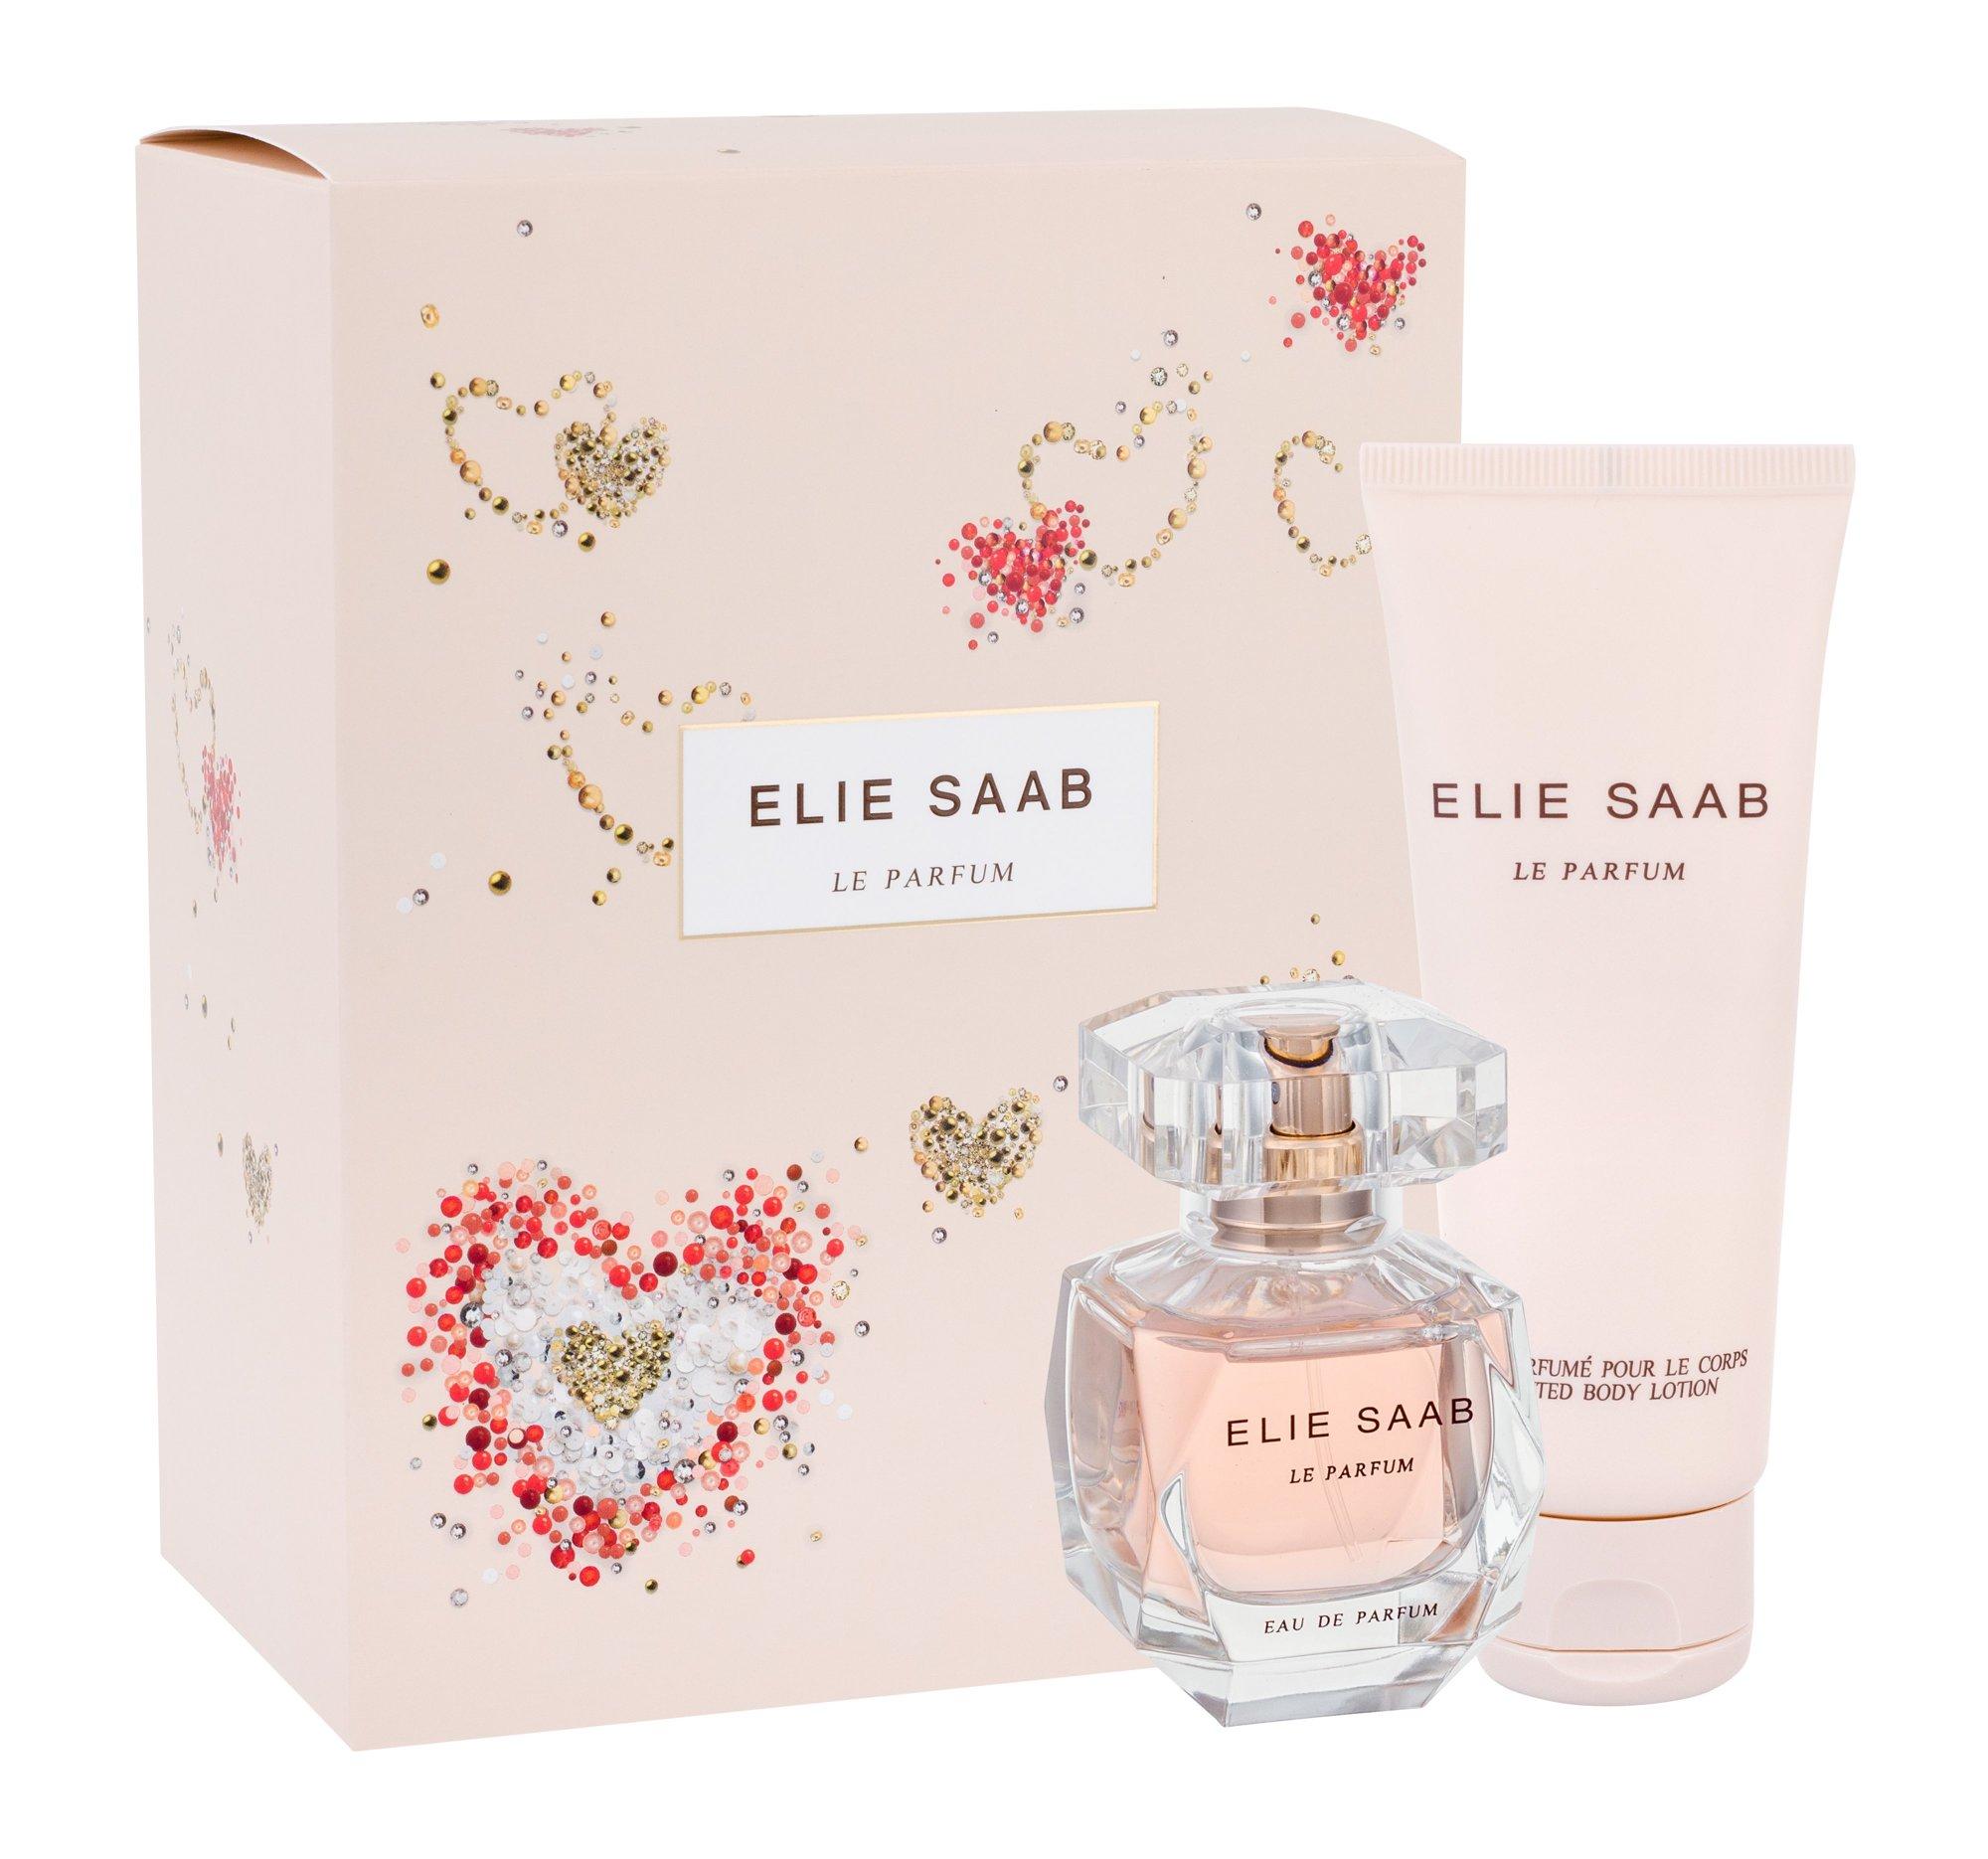 Elie Saab Le Parfum Eau de Parfum 30ml